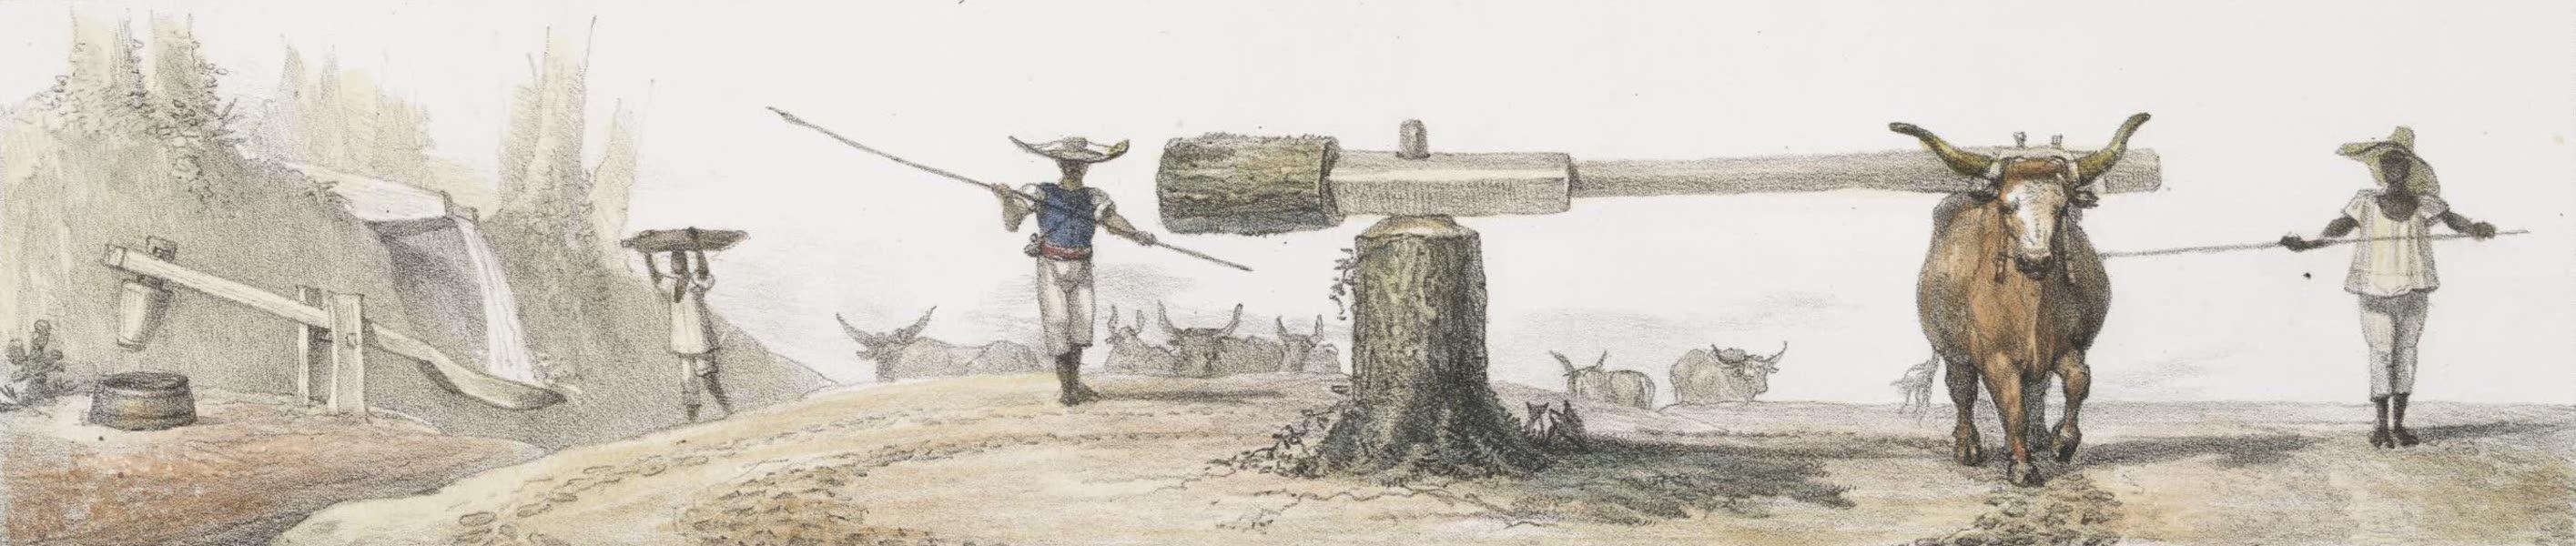 Voyage Pittoresque et Historique au Bresil Vol. 2 - Joug tournant pour dompter les Boeufs (1835)